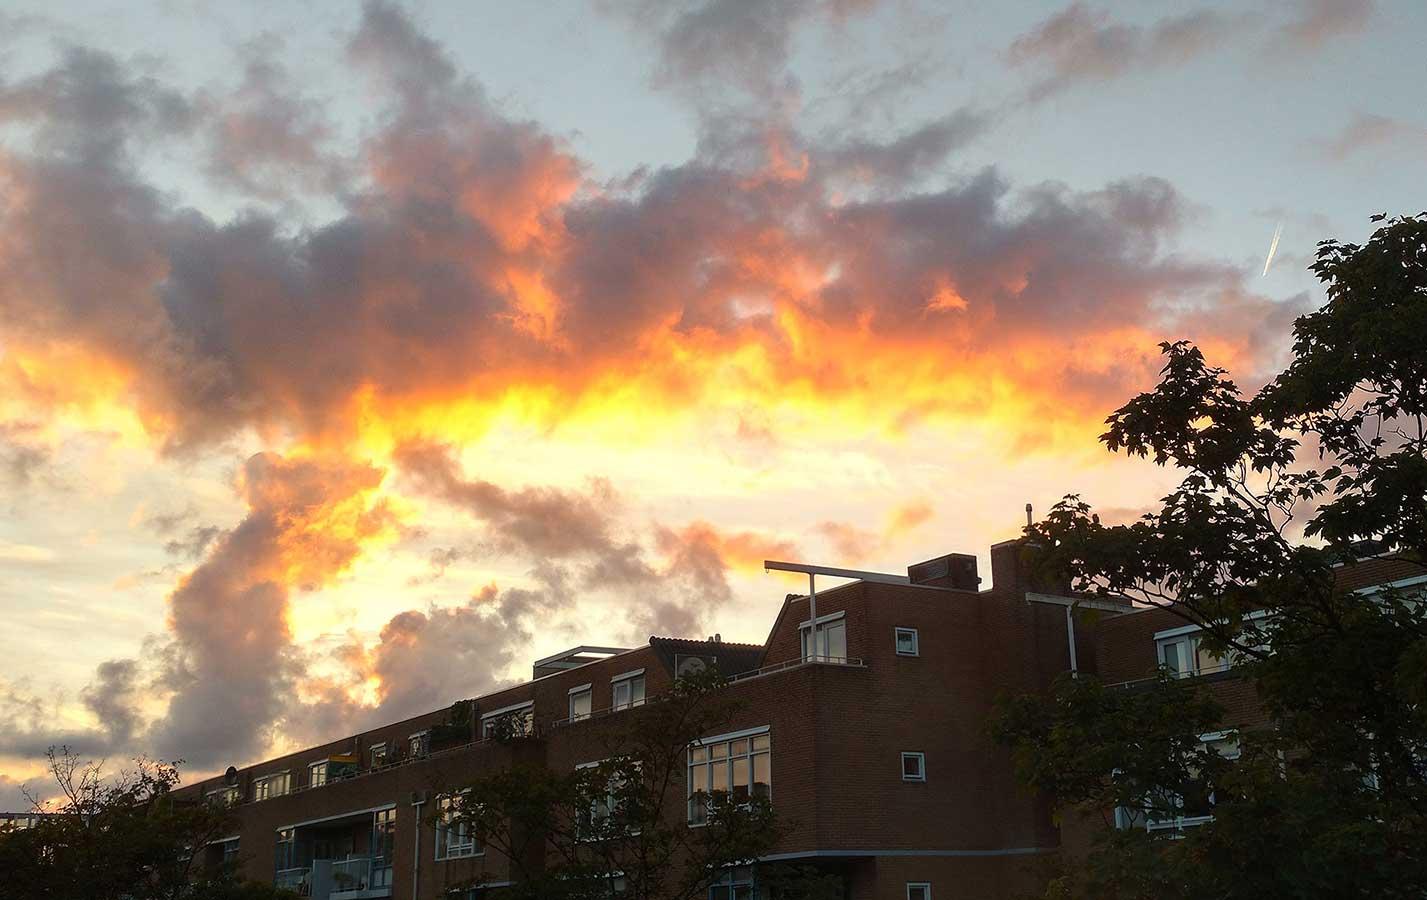 Oranje-gele wolken boven Commelinstraat tijdens zonsondergang in de herfst